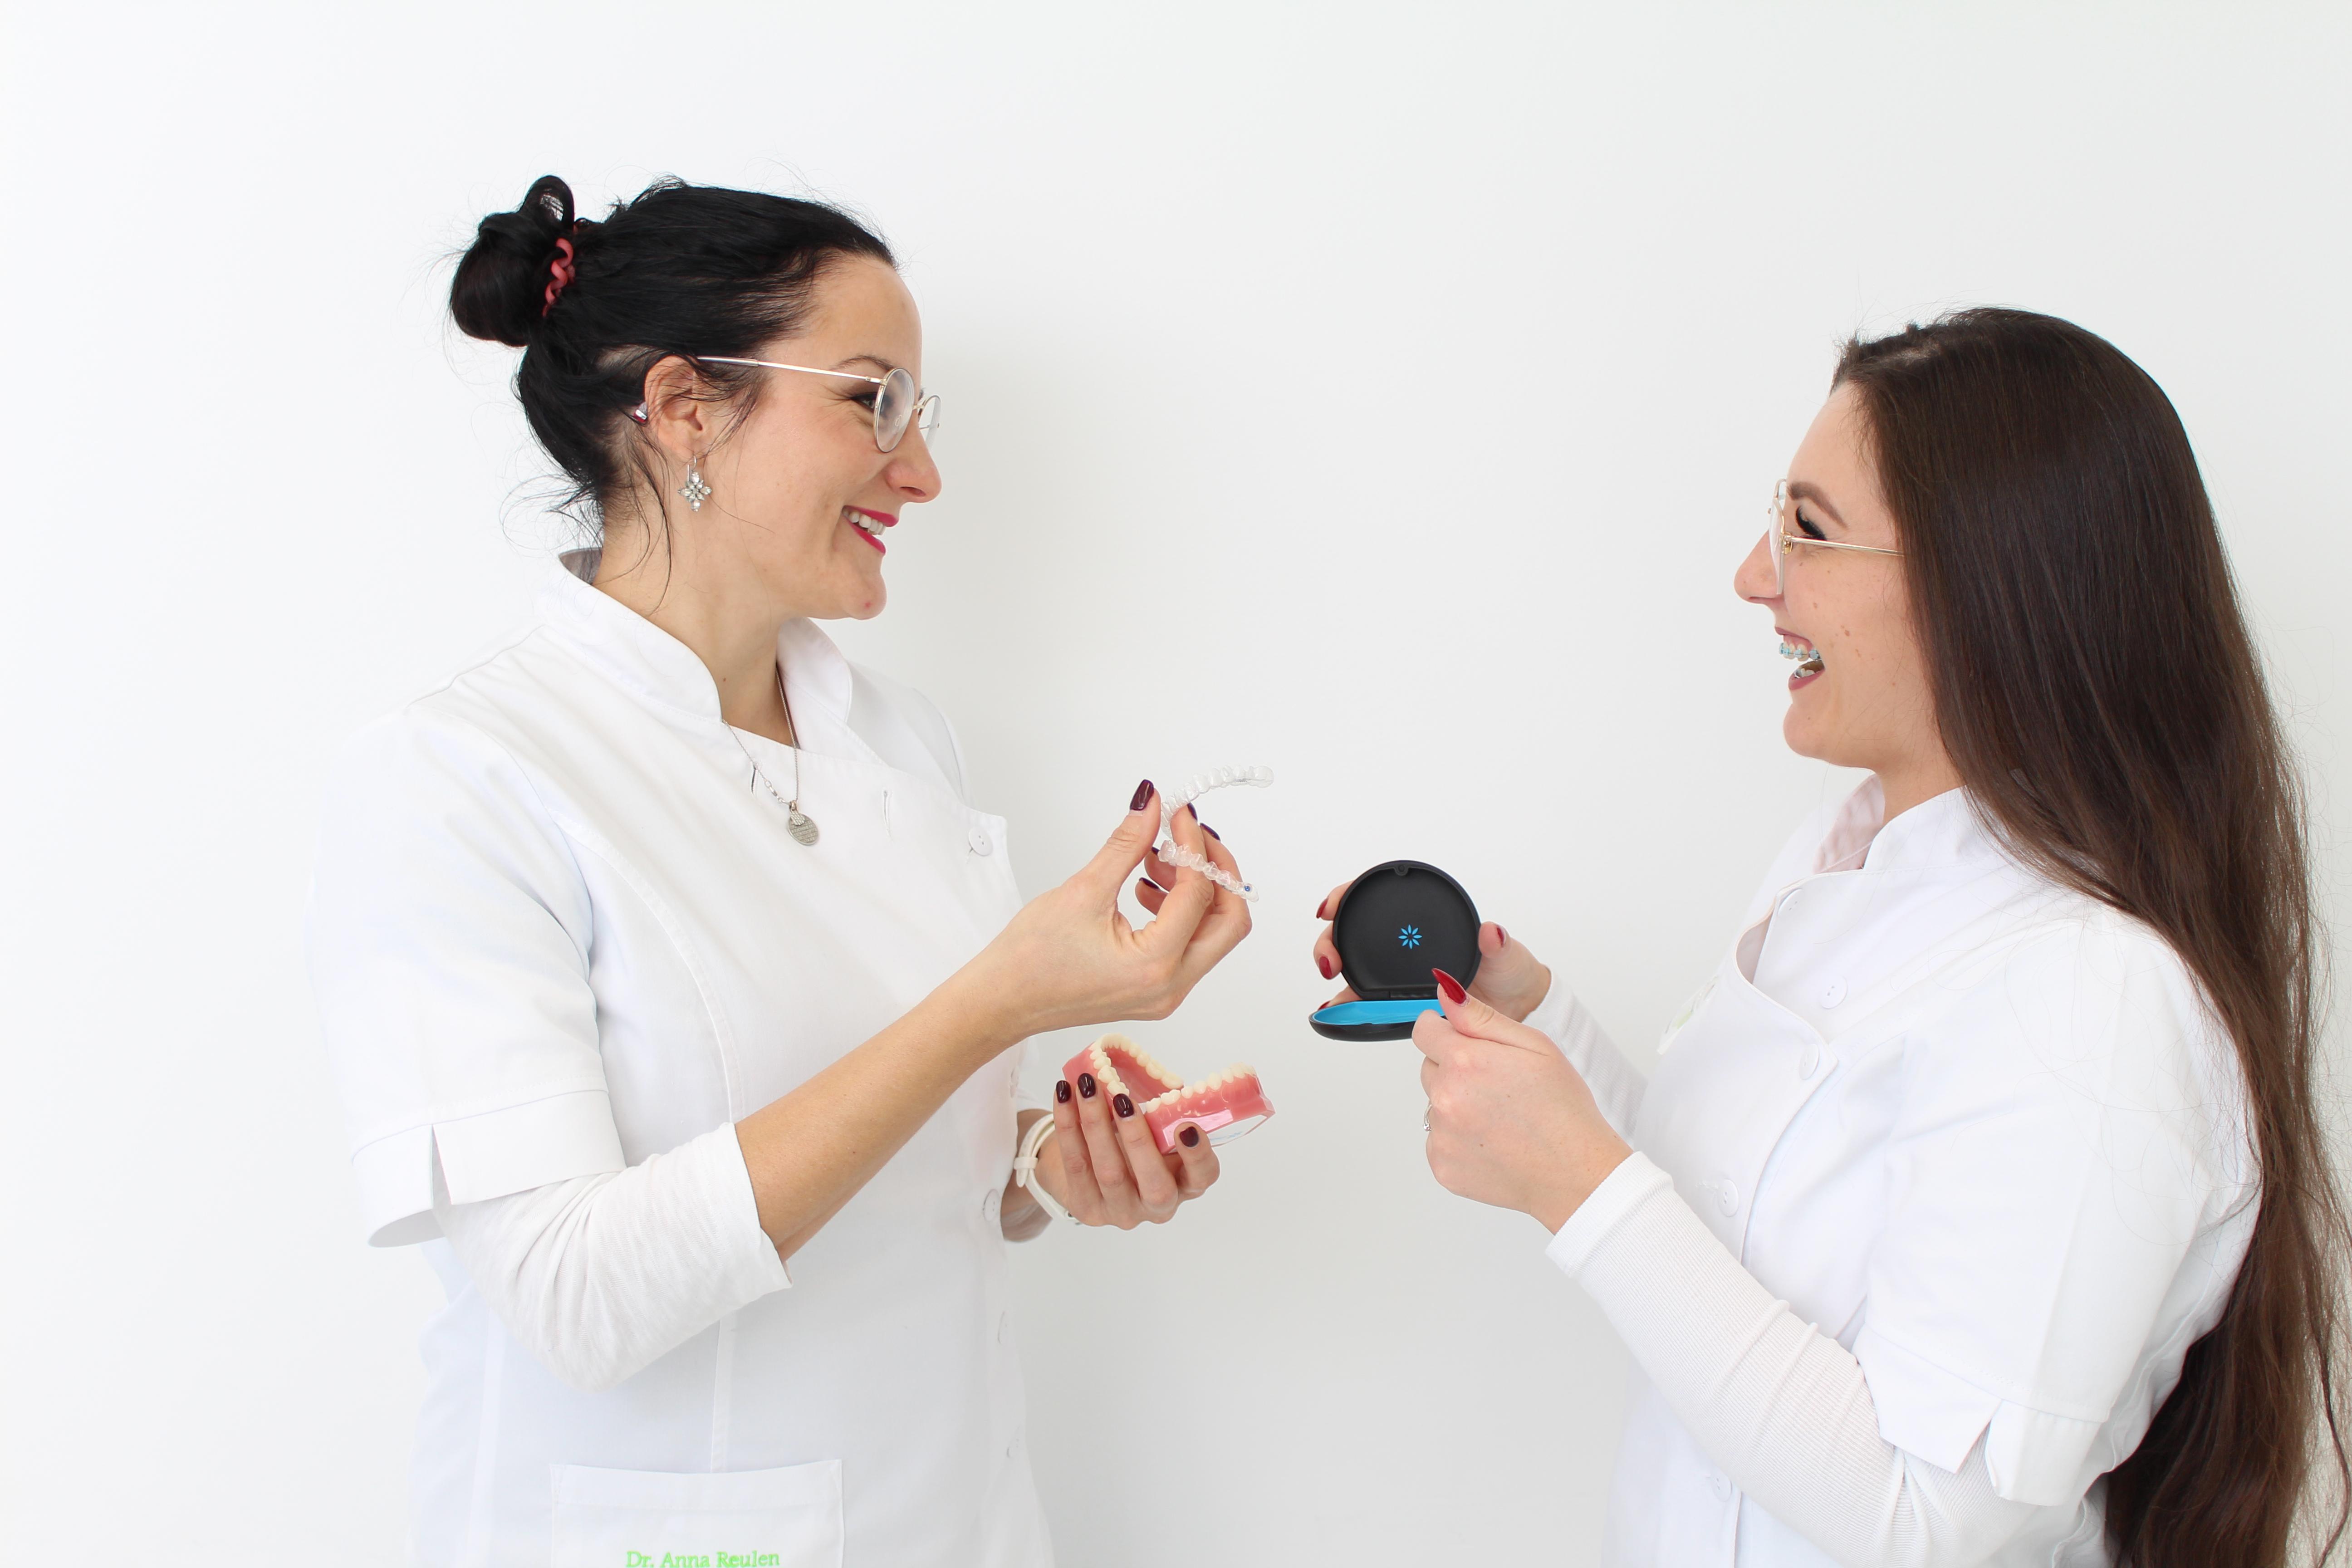 Invisalgin Transparente Zahnschiene Zahnarztpraxis Dres. Reulen Blaubeuren